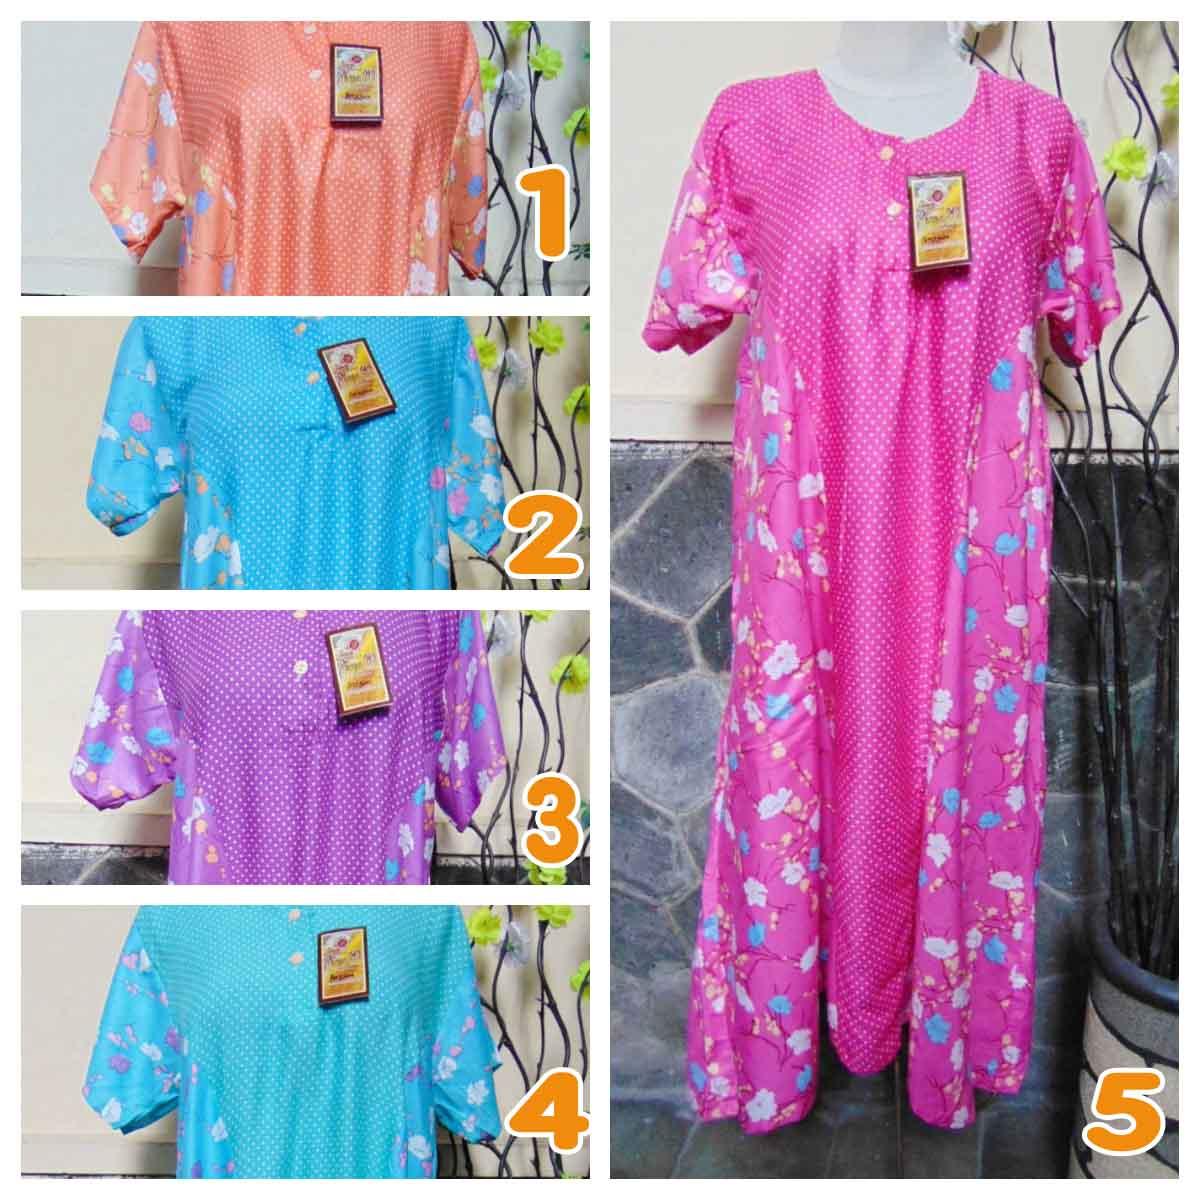 foto utama baju tidur santai batik daster wanita lengan pendek pias cantik daster diana motif polka bunga ANEKA WARNA